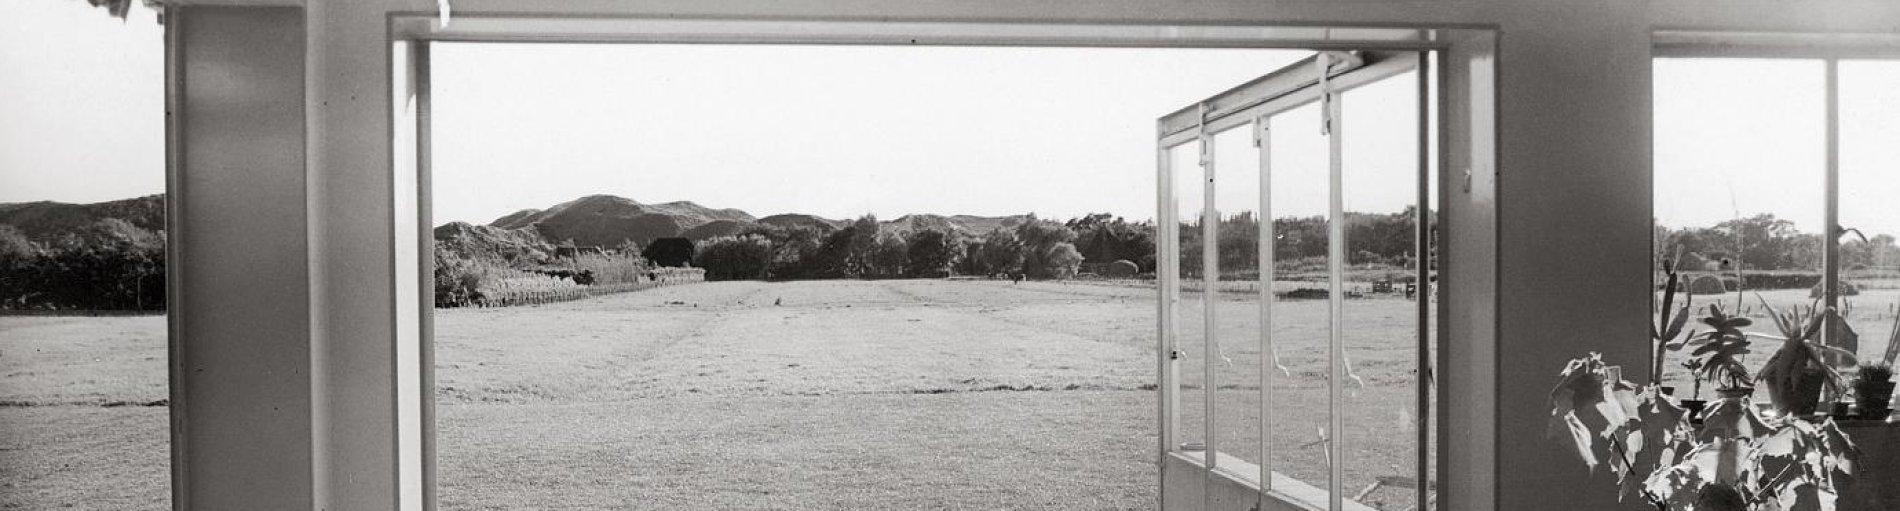 Eine Schwarz-Weiß-Aufnahme von Eva Besnyö. Zu sehen ist der Blick in den Garten eines Sommerhauses.